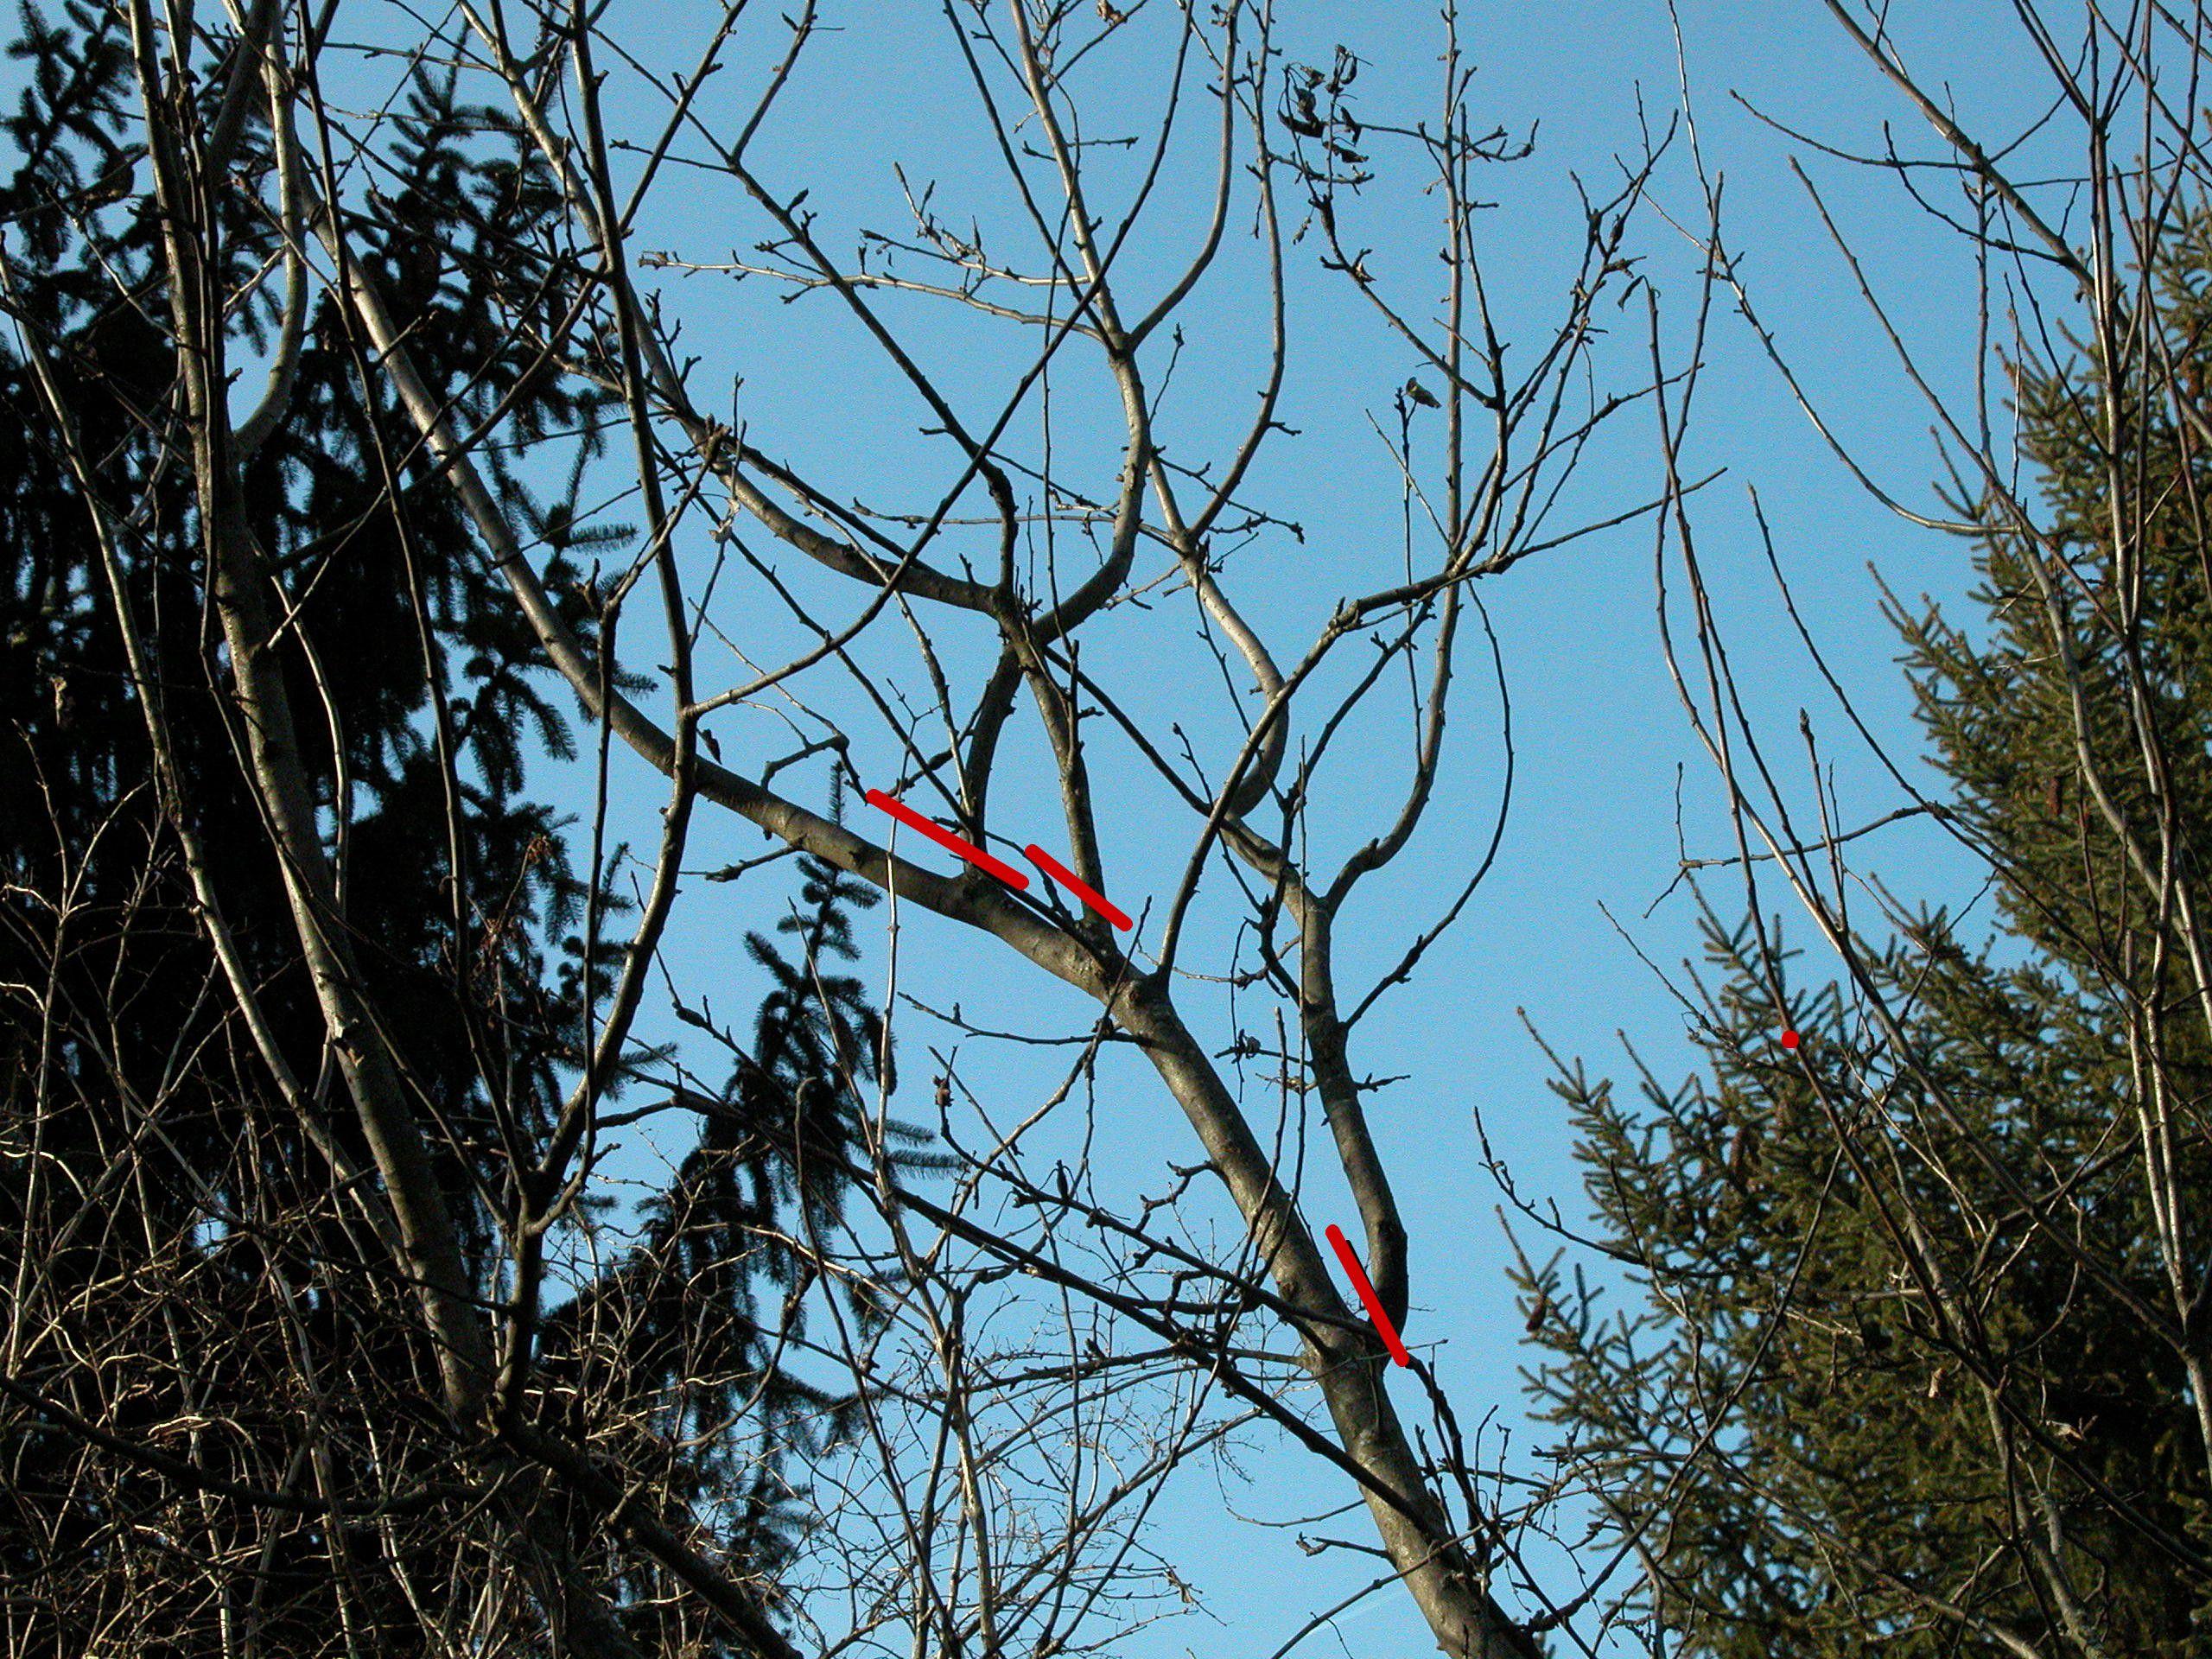 Apple Tree Pruning - Competing Leaders